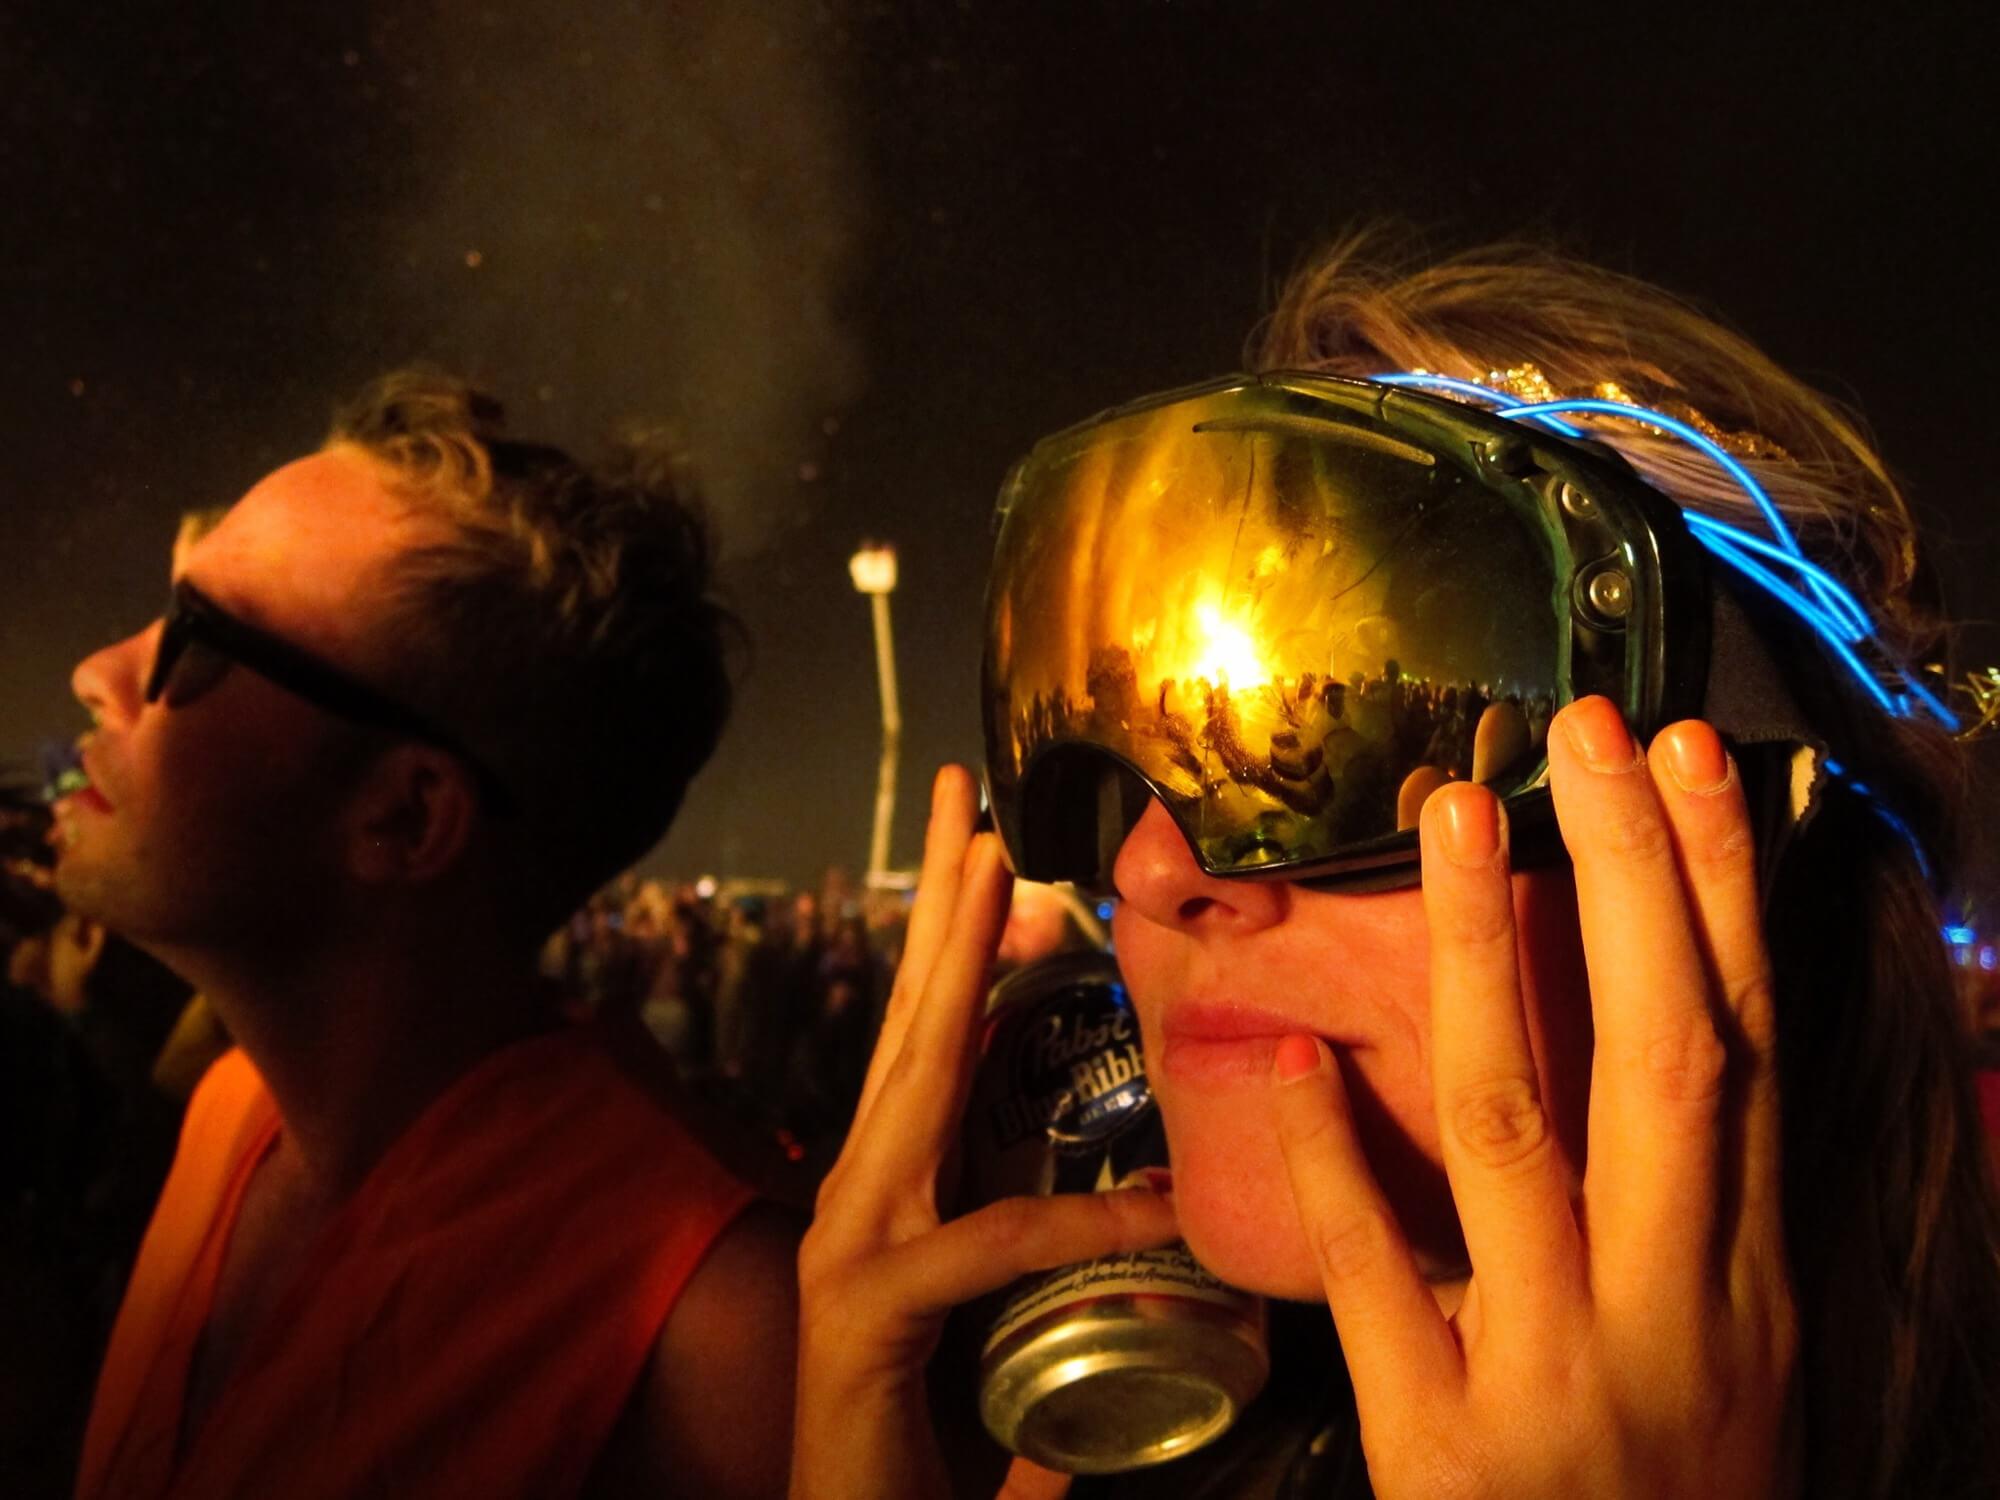 Nighttime at Burning Man